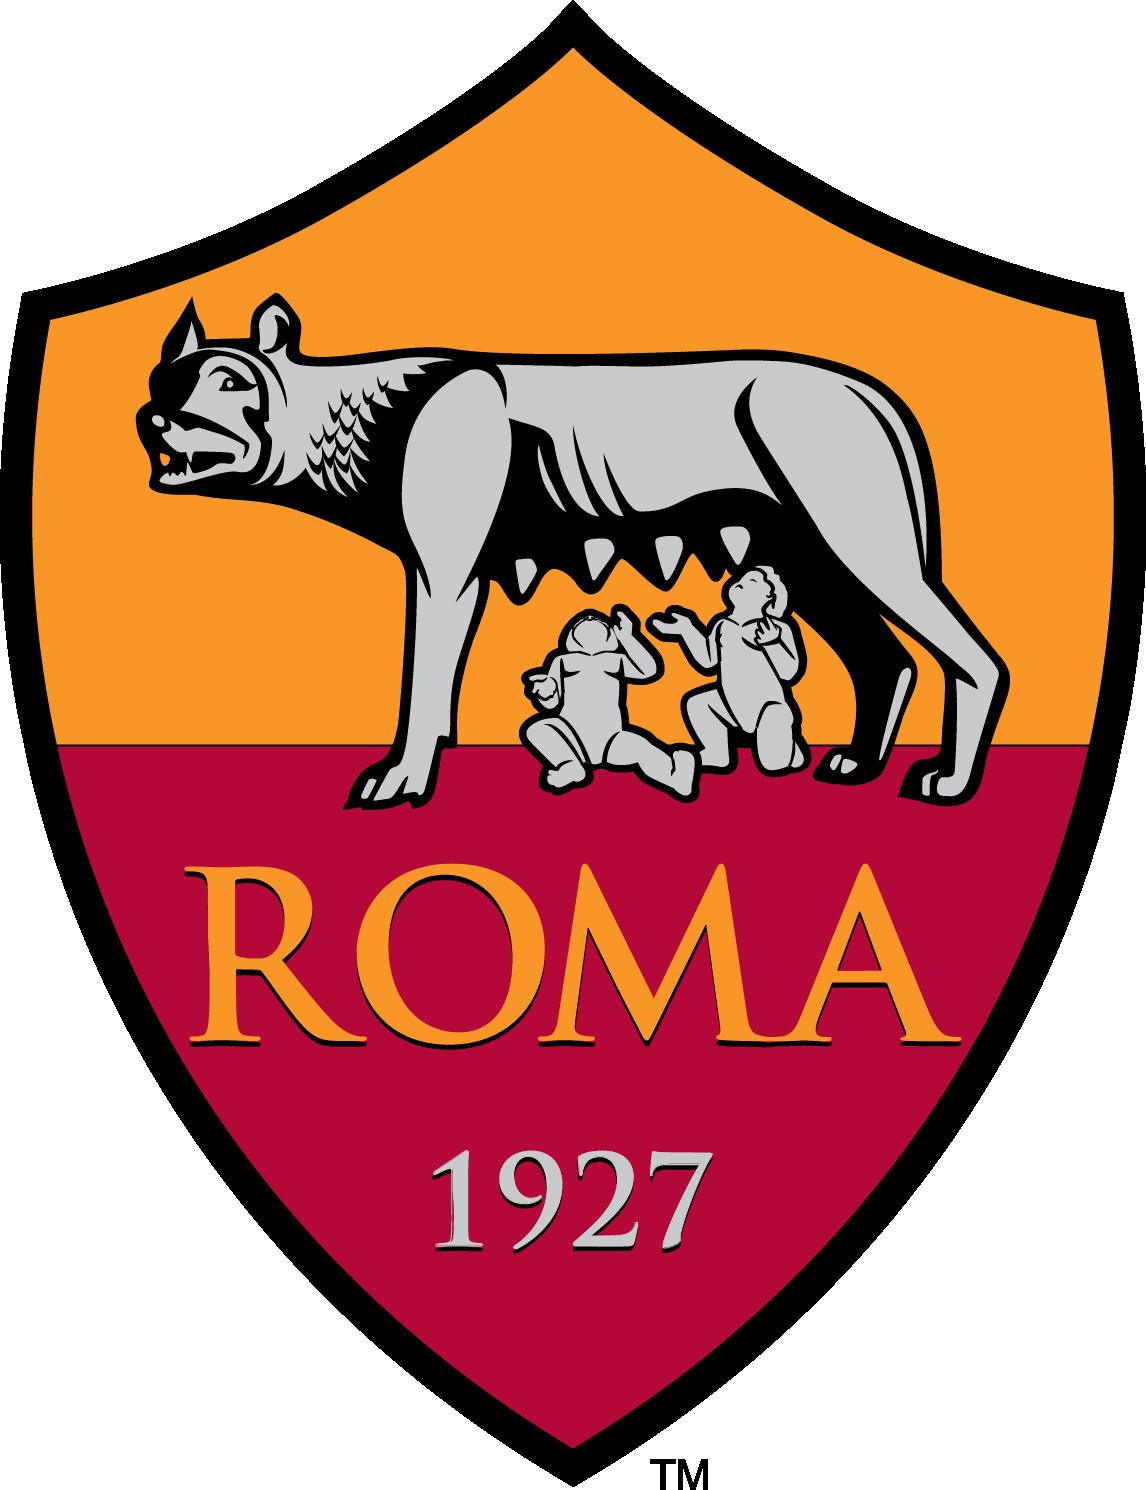 As Roma Logo In 2020 As Roma Football Team Logos Soccer Kits